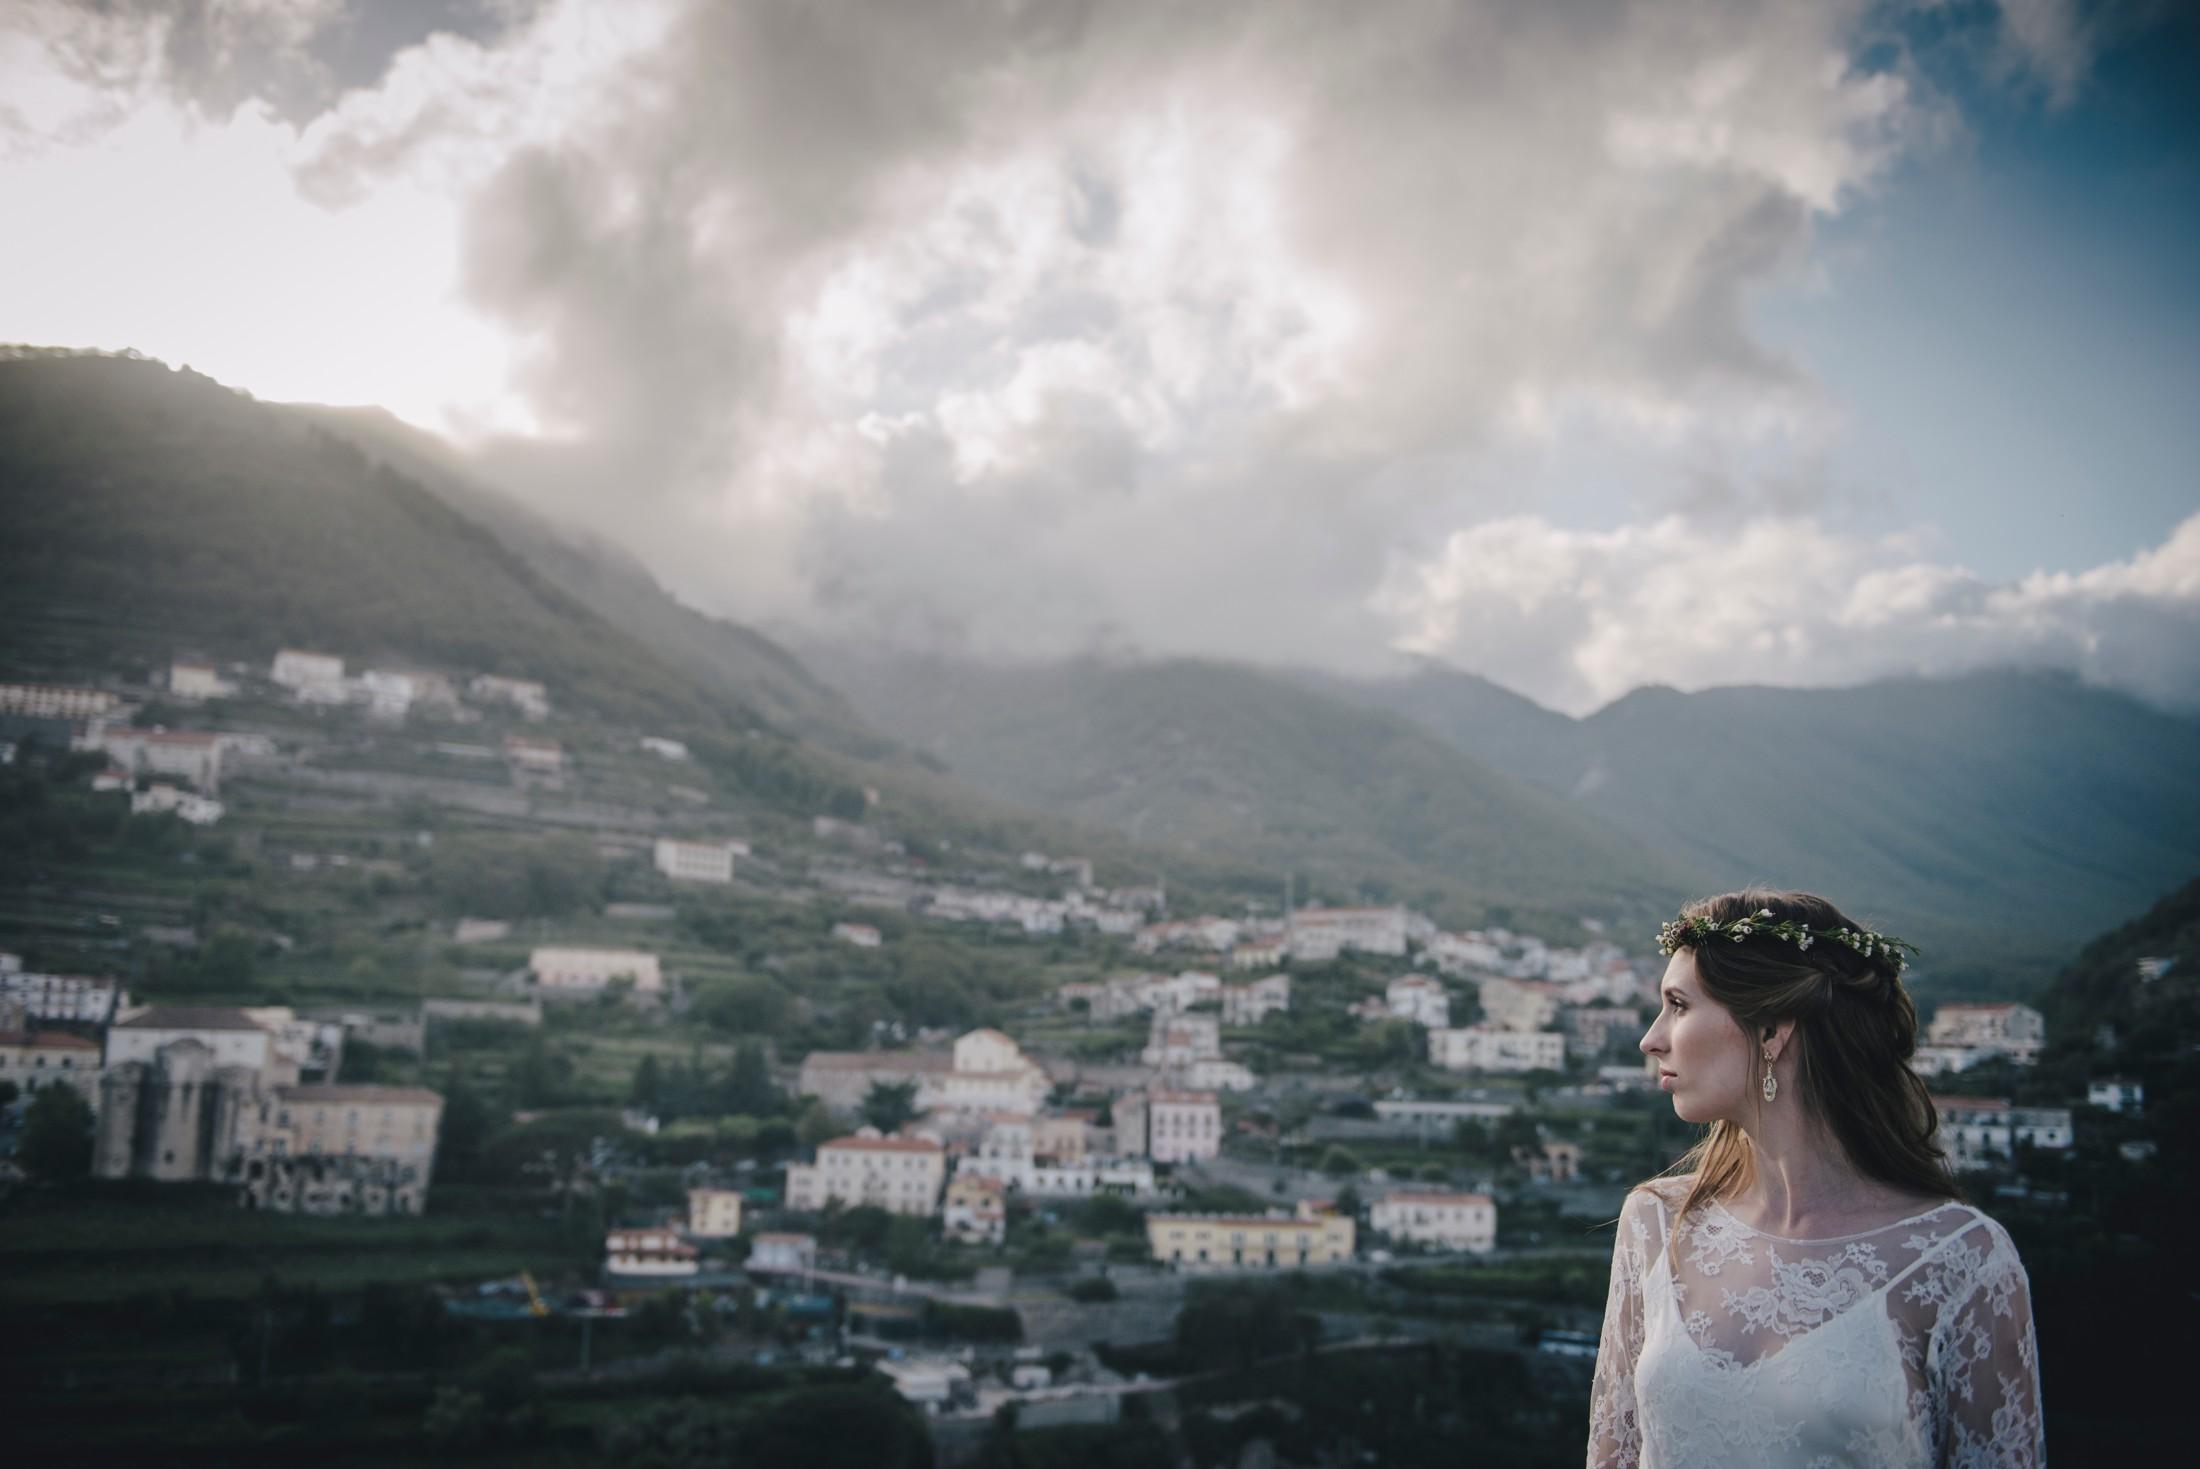 adriana alfano bride's portrait at hotel caruso ravello italy